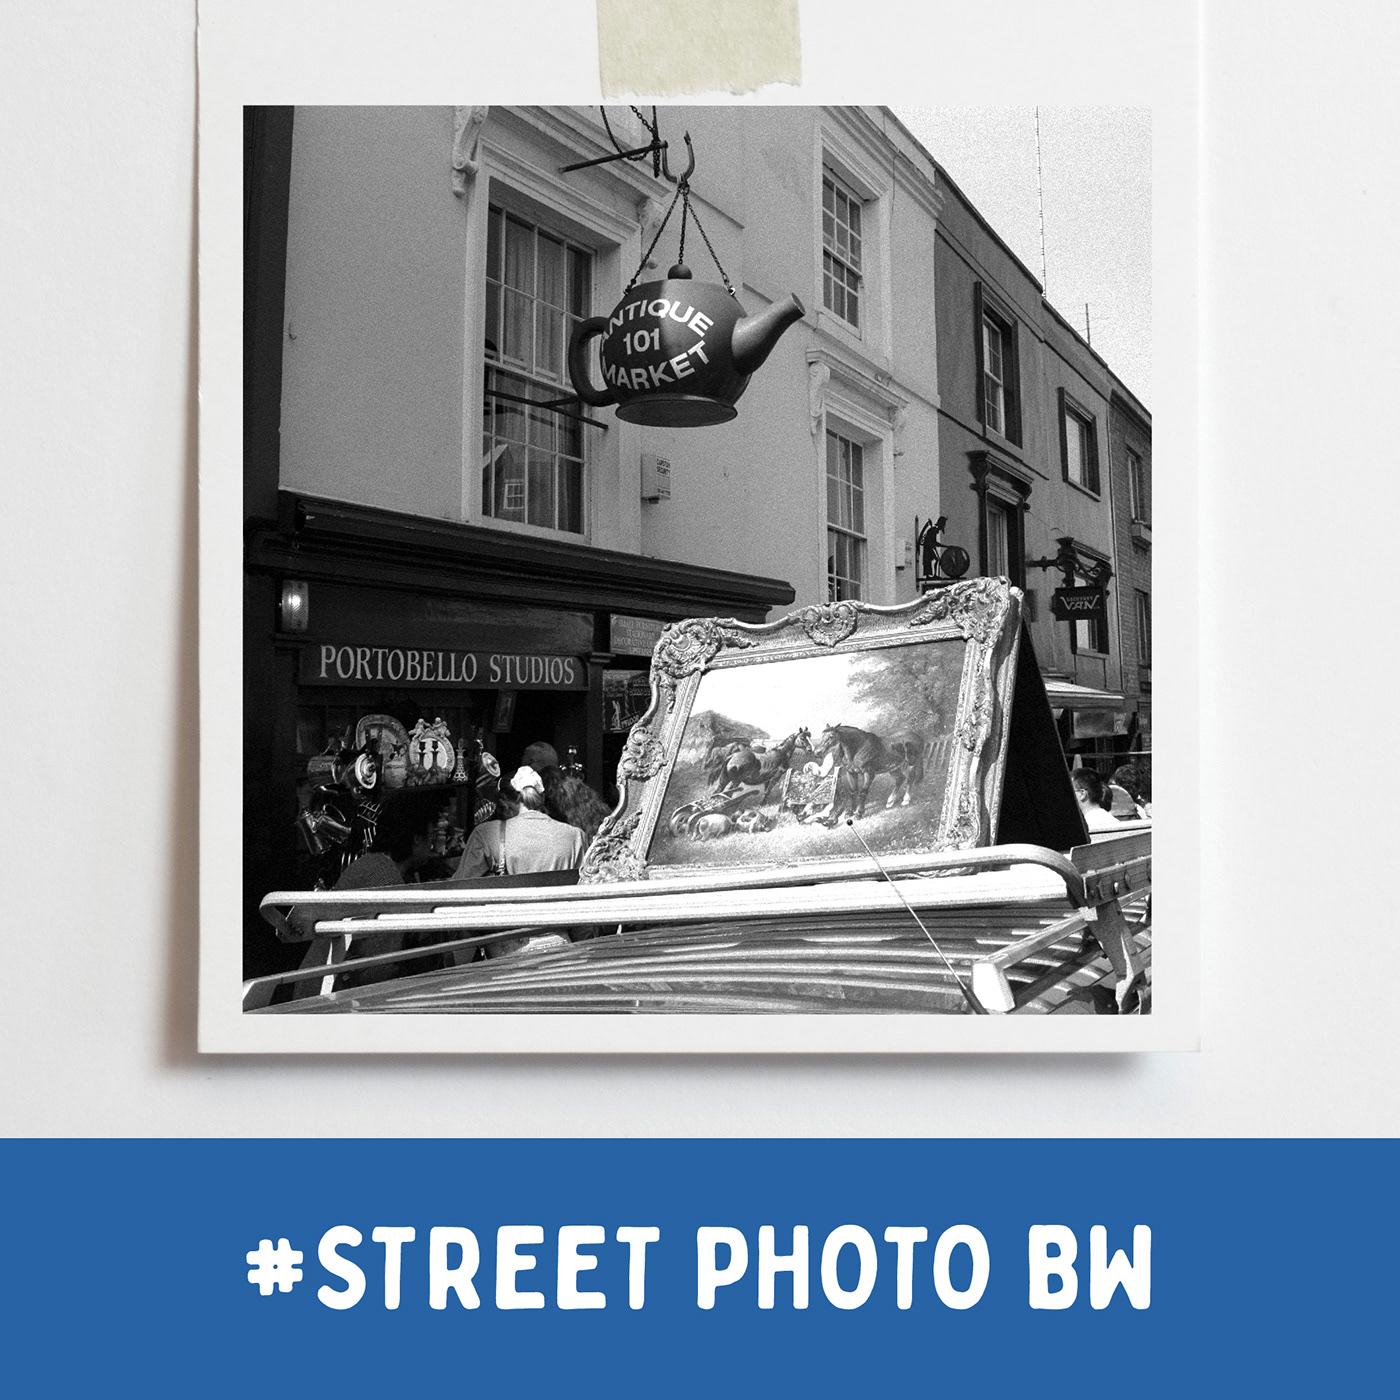 Portobello Market, London 1996